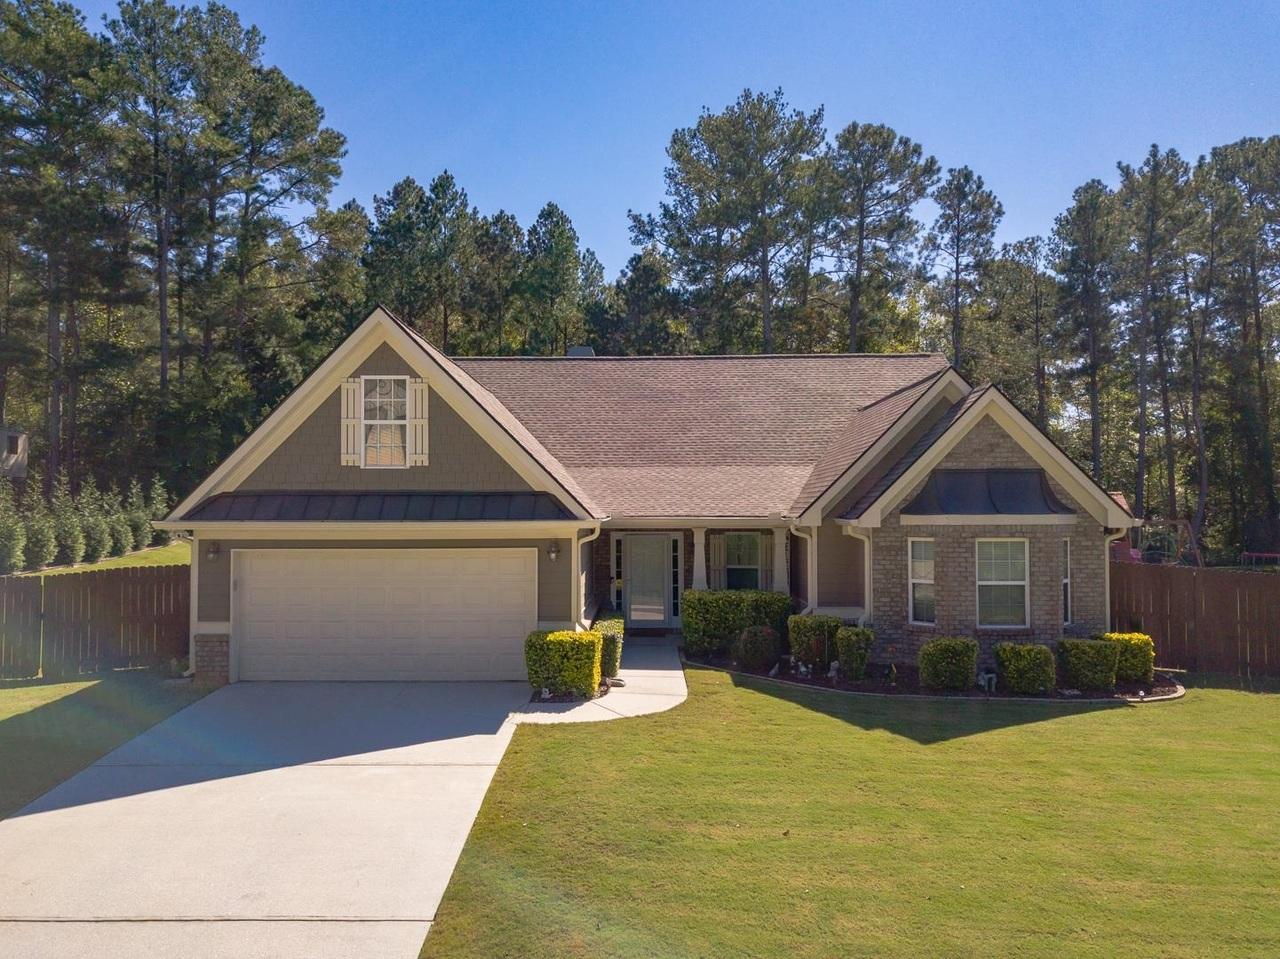 2114 Braswell Lane, Loganville, GA 30052